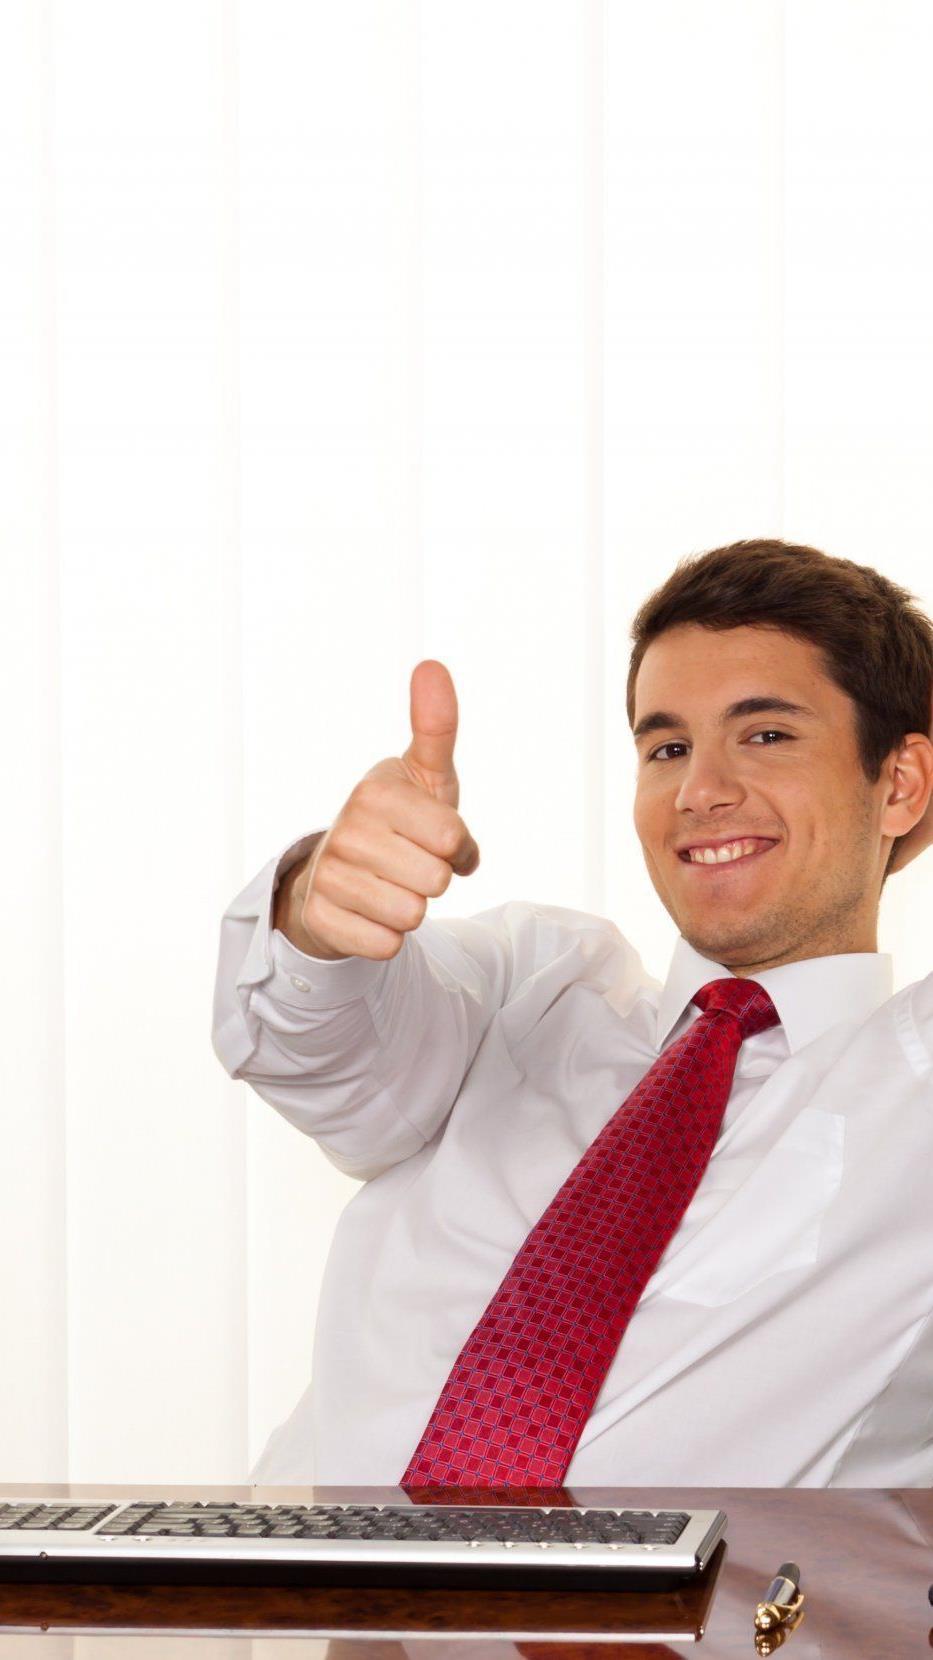 In der Finanzbranche arbeiten die glücklichsten Mitarbeiter.